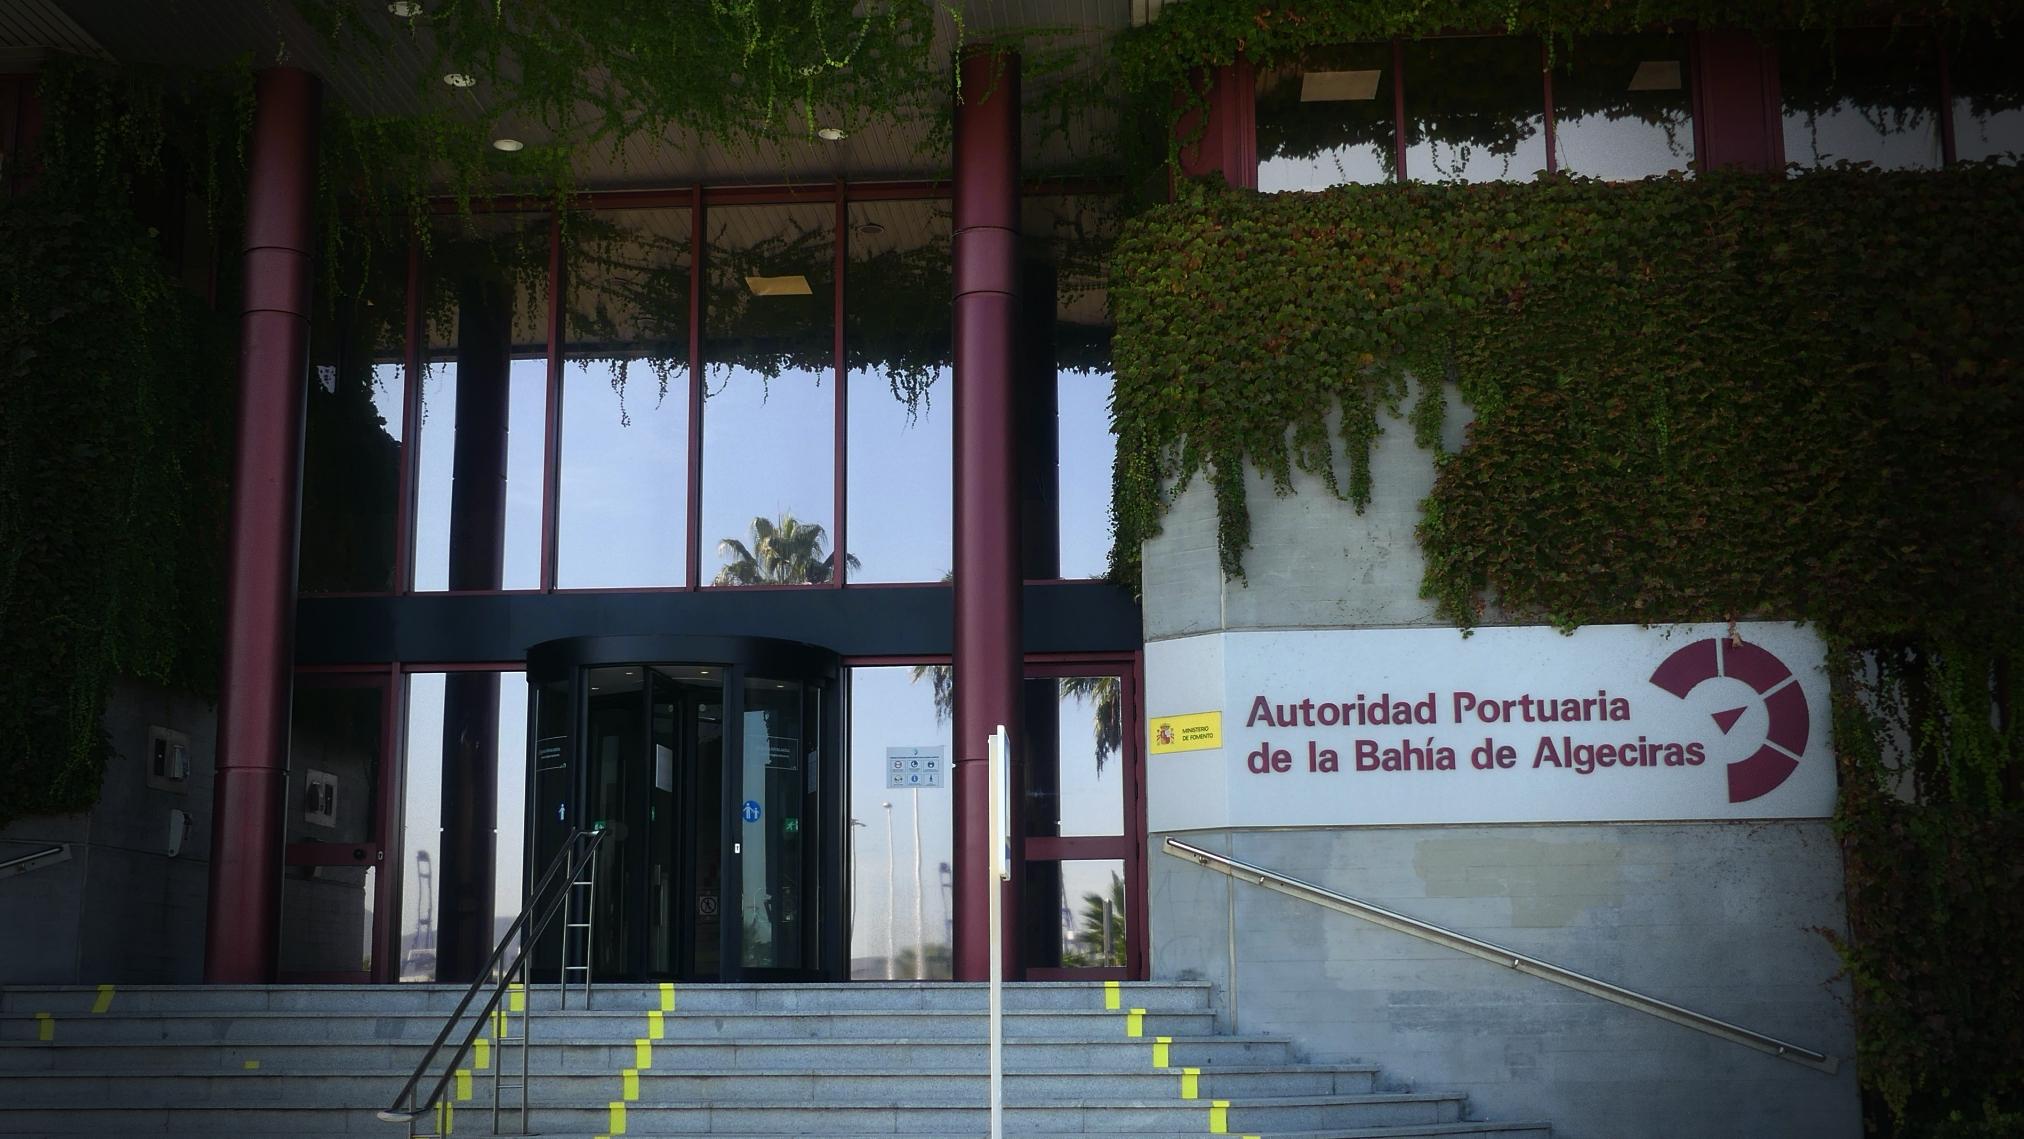 Hormigo, descontento con Puertos del Estado por la asignación de plantilla fija para la APBA